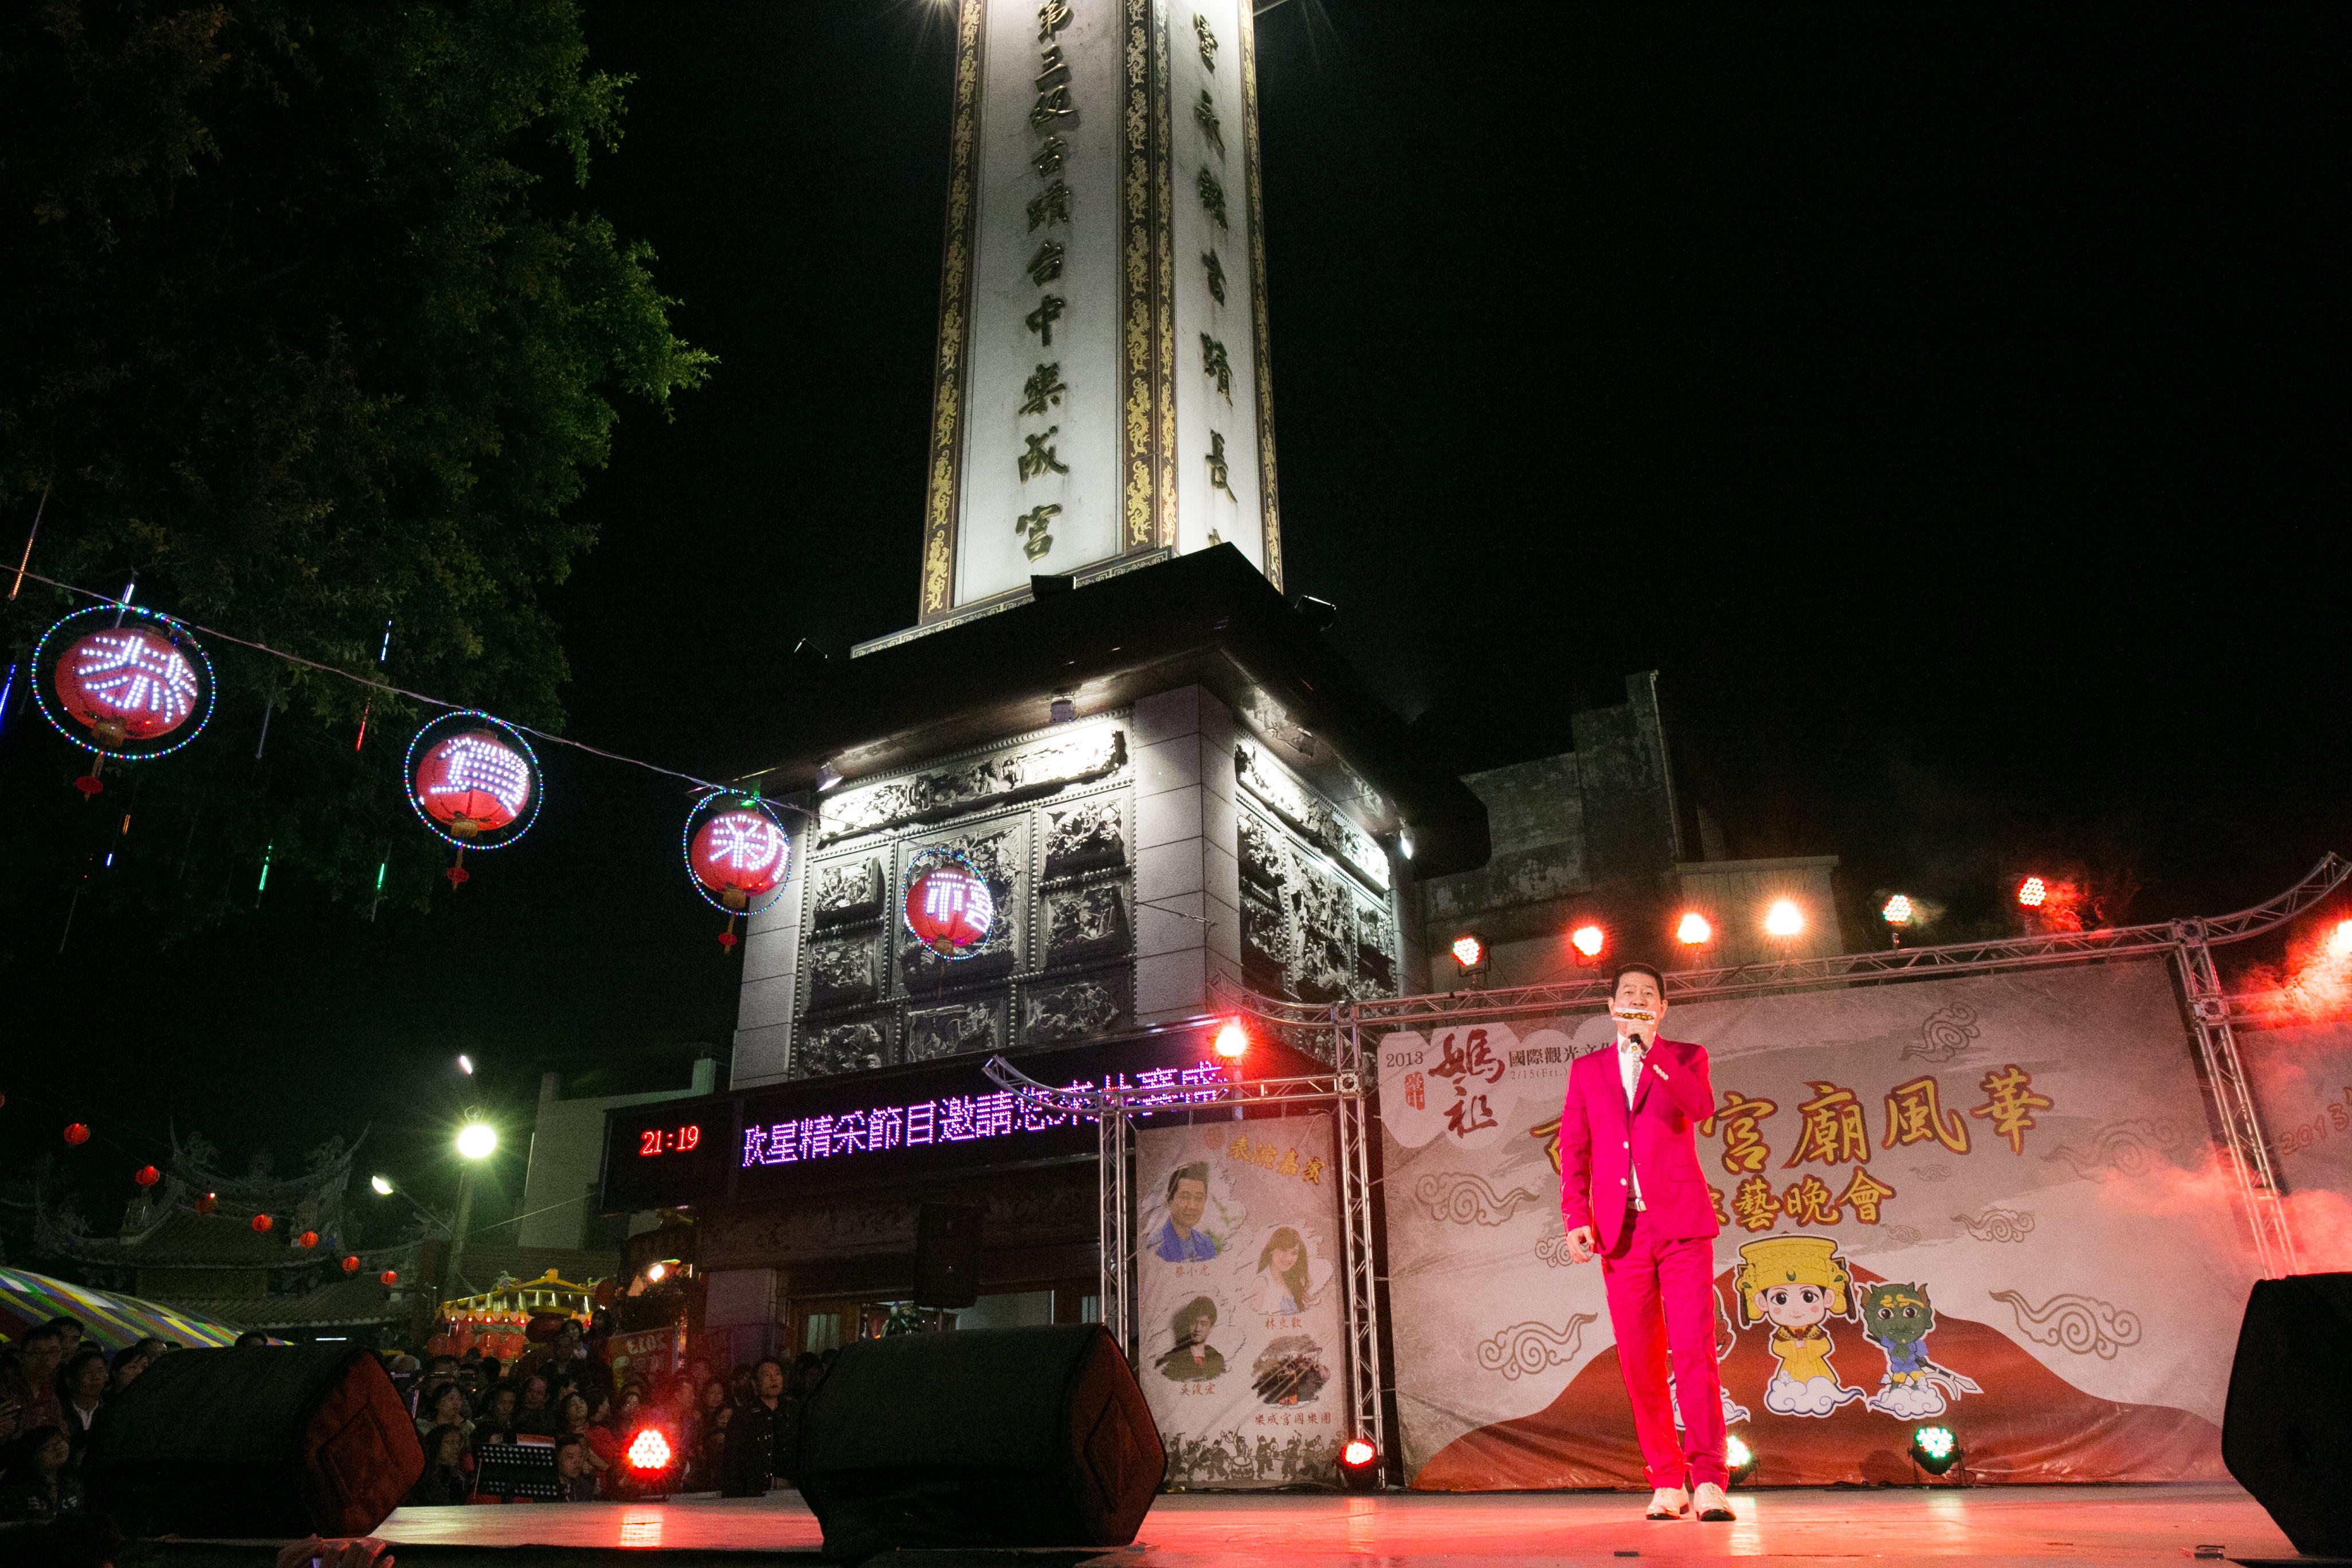 臺中媽祖國際觀光文化節在樂成宮,活動紀錄拍攝者台中婚錄張西米19